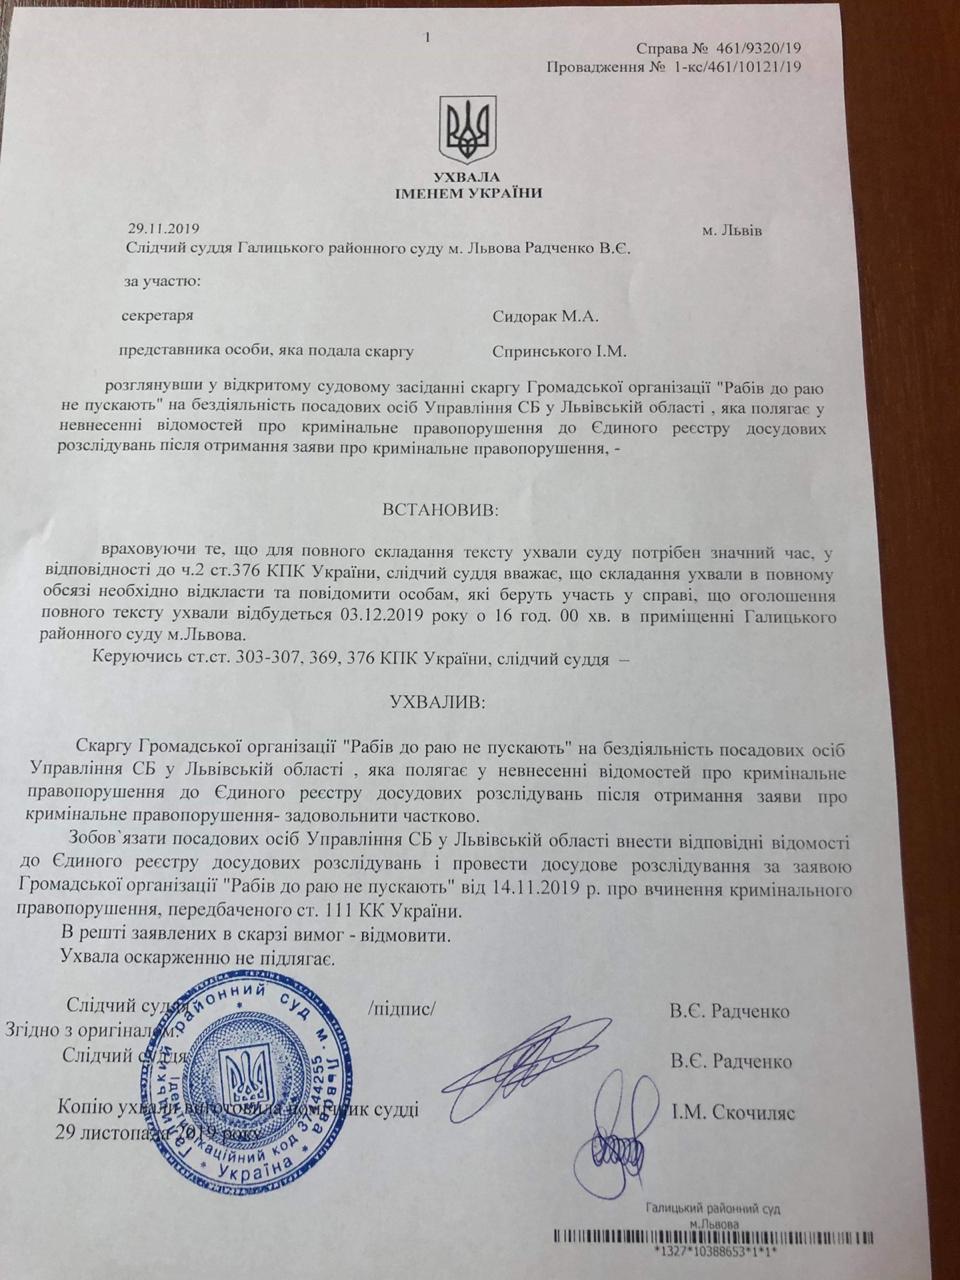 На Русанівці в Києві пограбували банк, введено план перехоплення - Цензор.НЕТ 9907